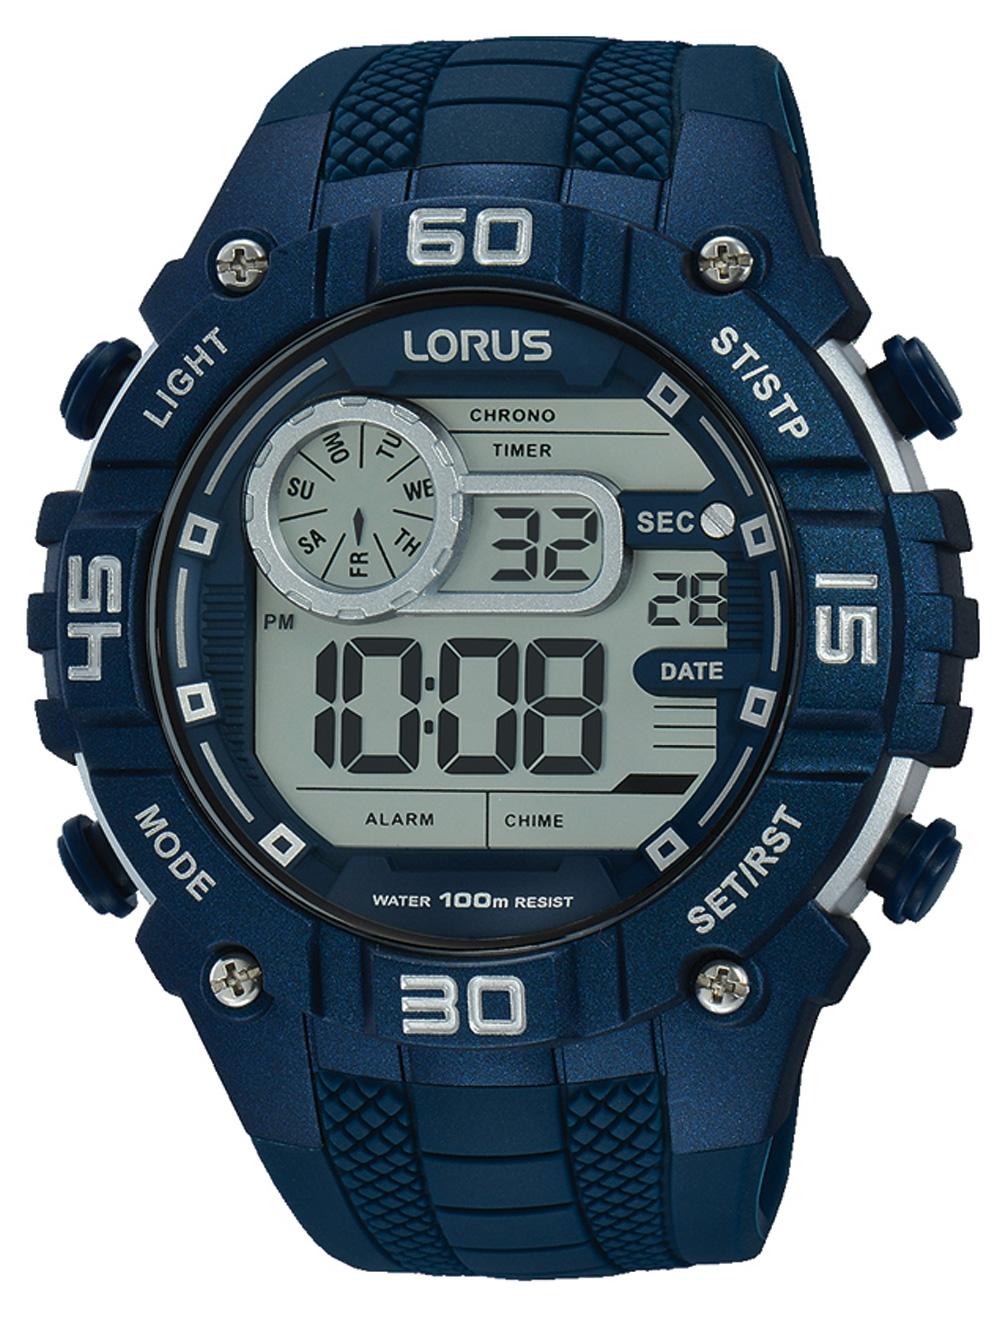 Lorus R2357LX9 Digi Chronograph 50mm 10ATM